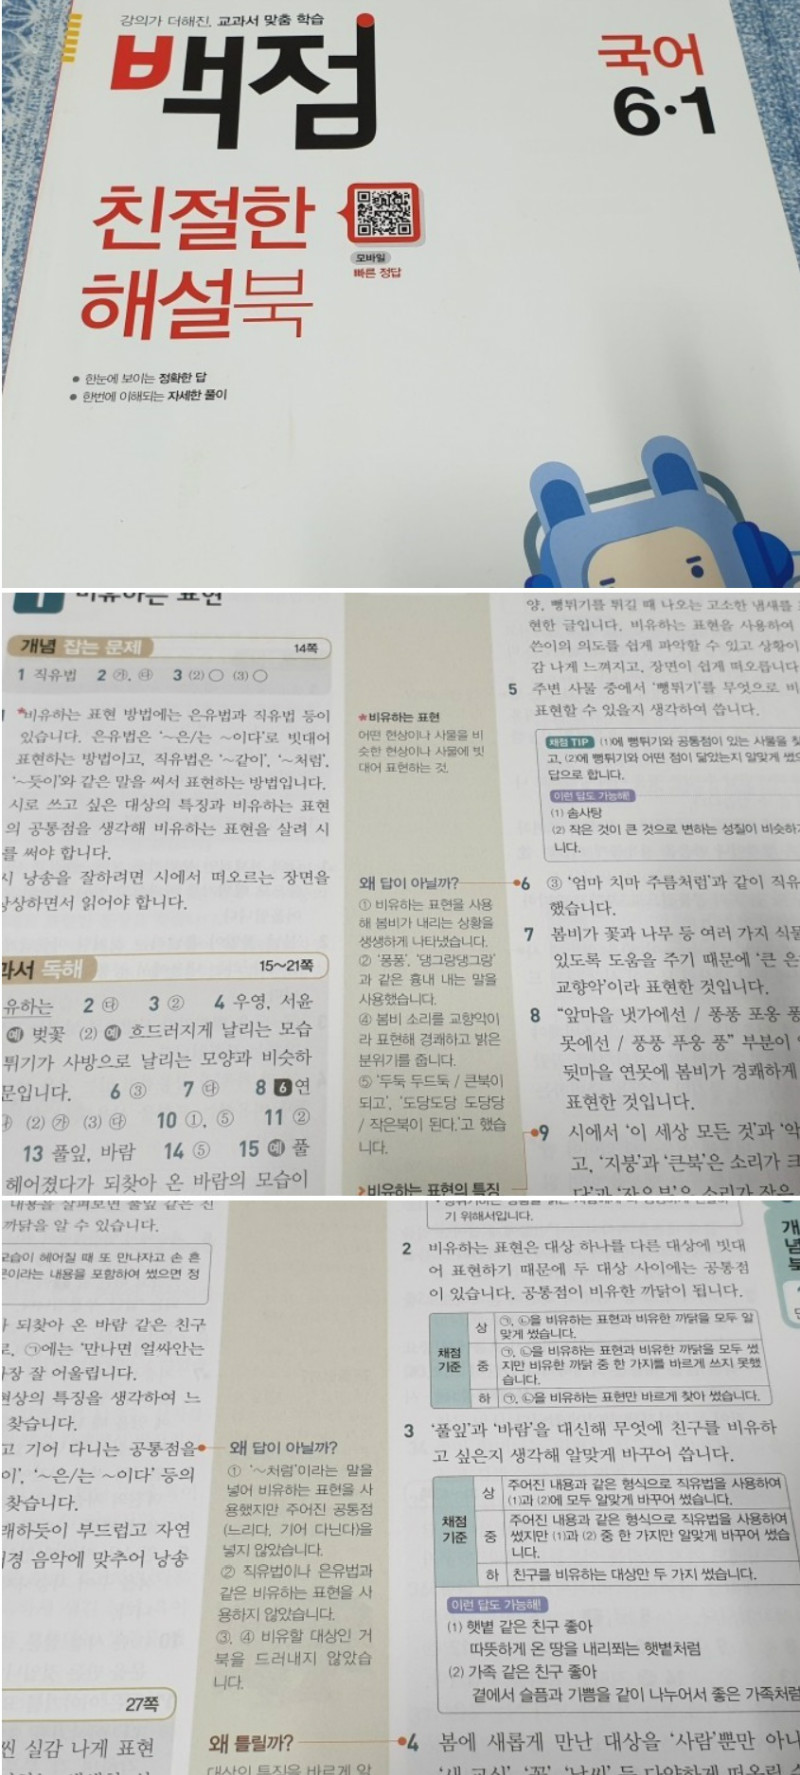 naver_com_20200229_232259.jpg